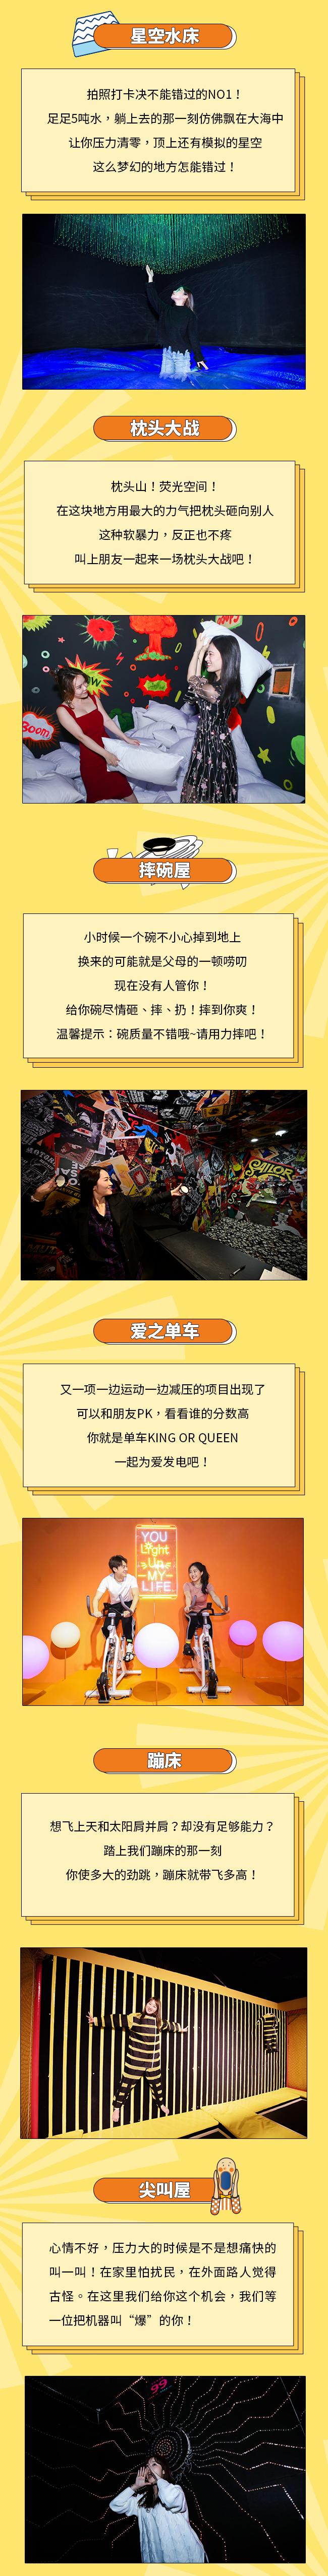 北京奇葩-无二维码-恢复的_04.jpg